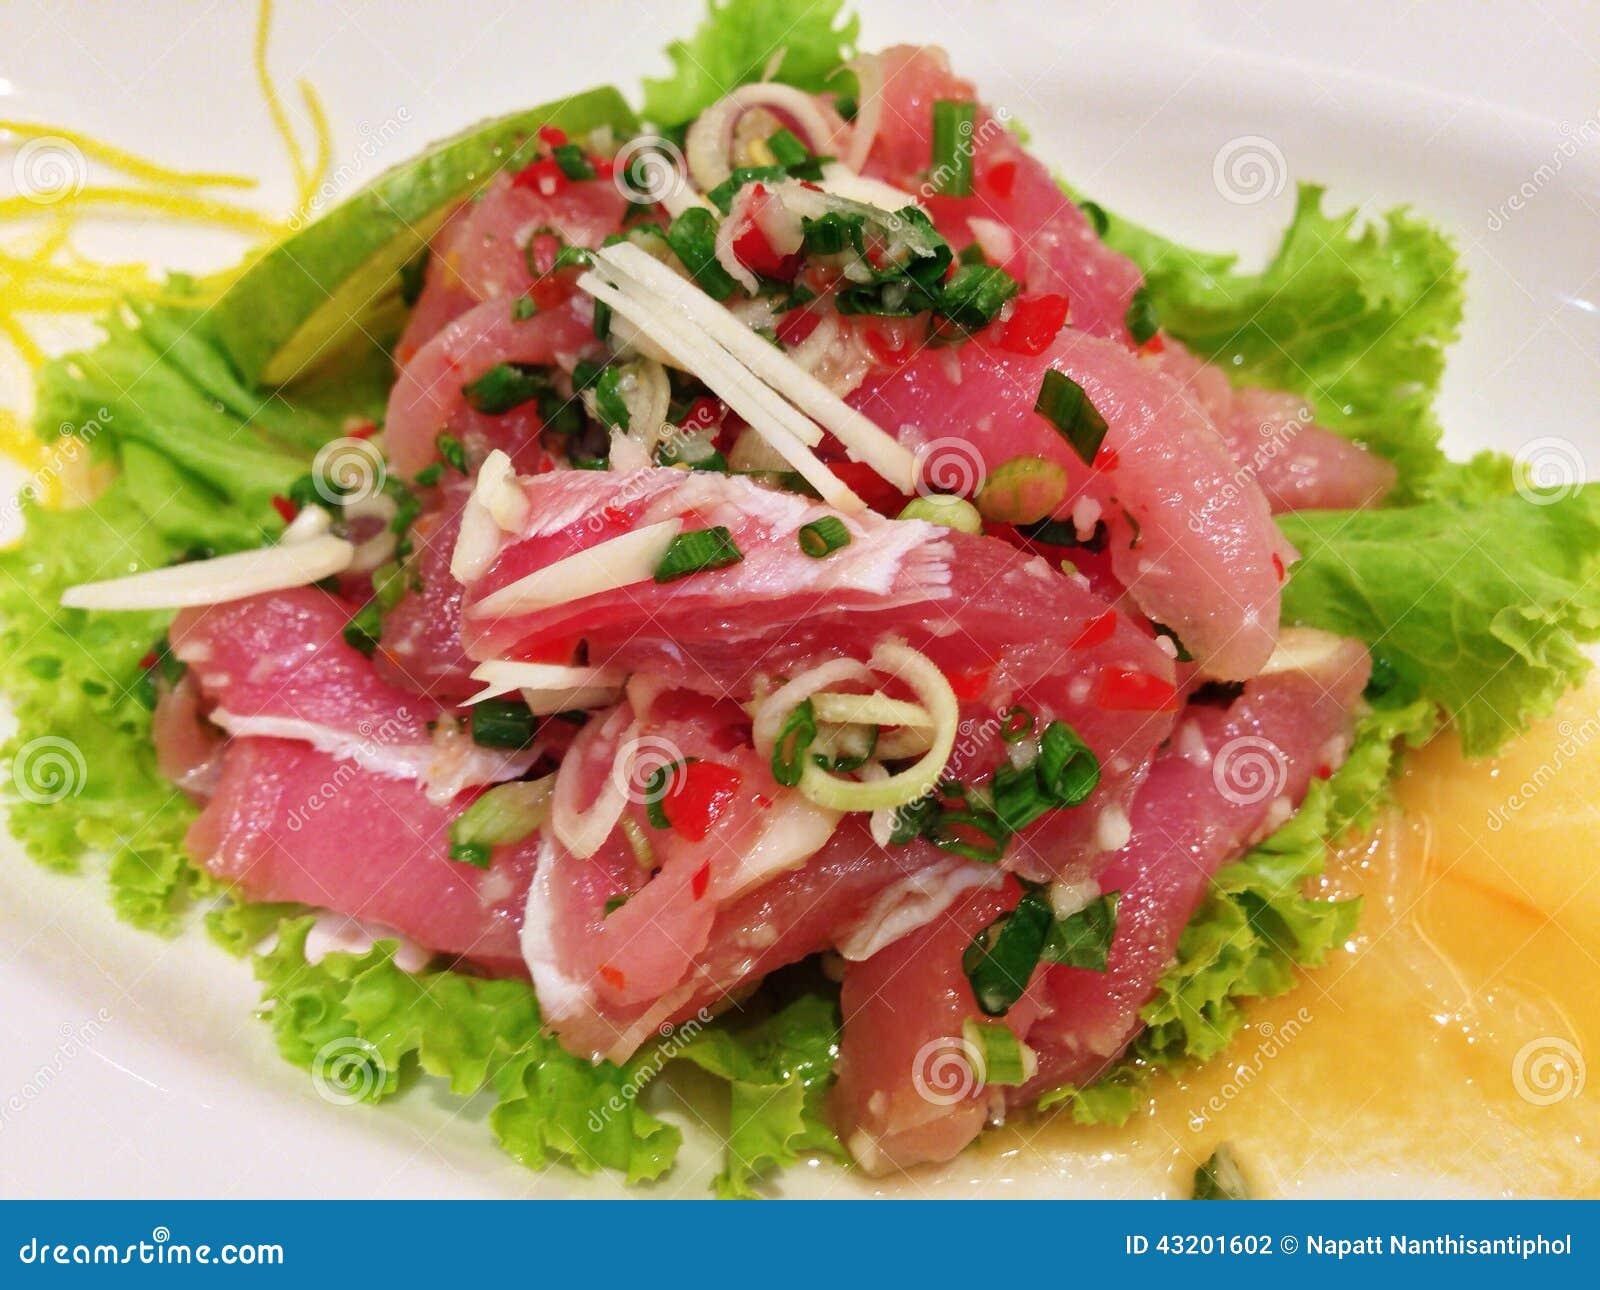 Download Ny salladtonfisk arkivfoto. Bild av meny, kryddigt, tonfisk - 43201602